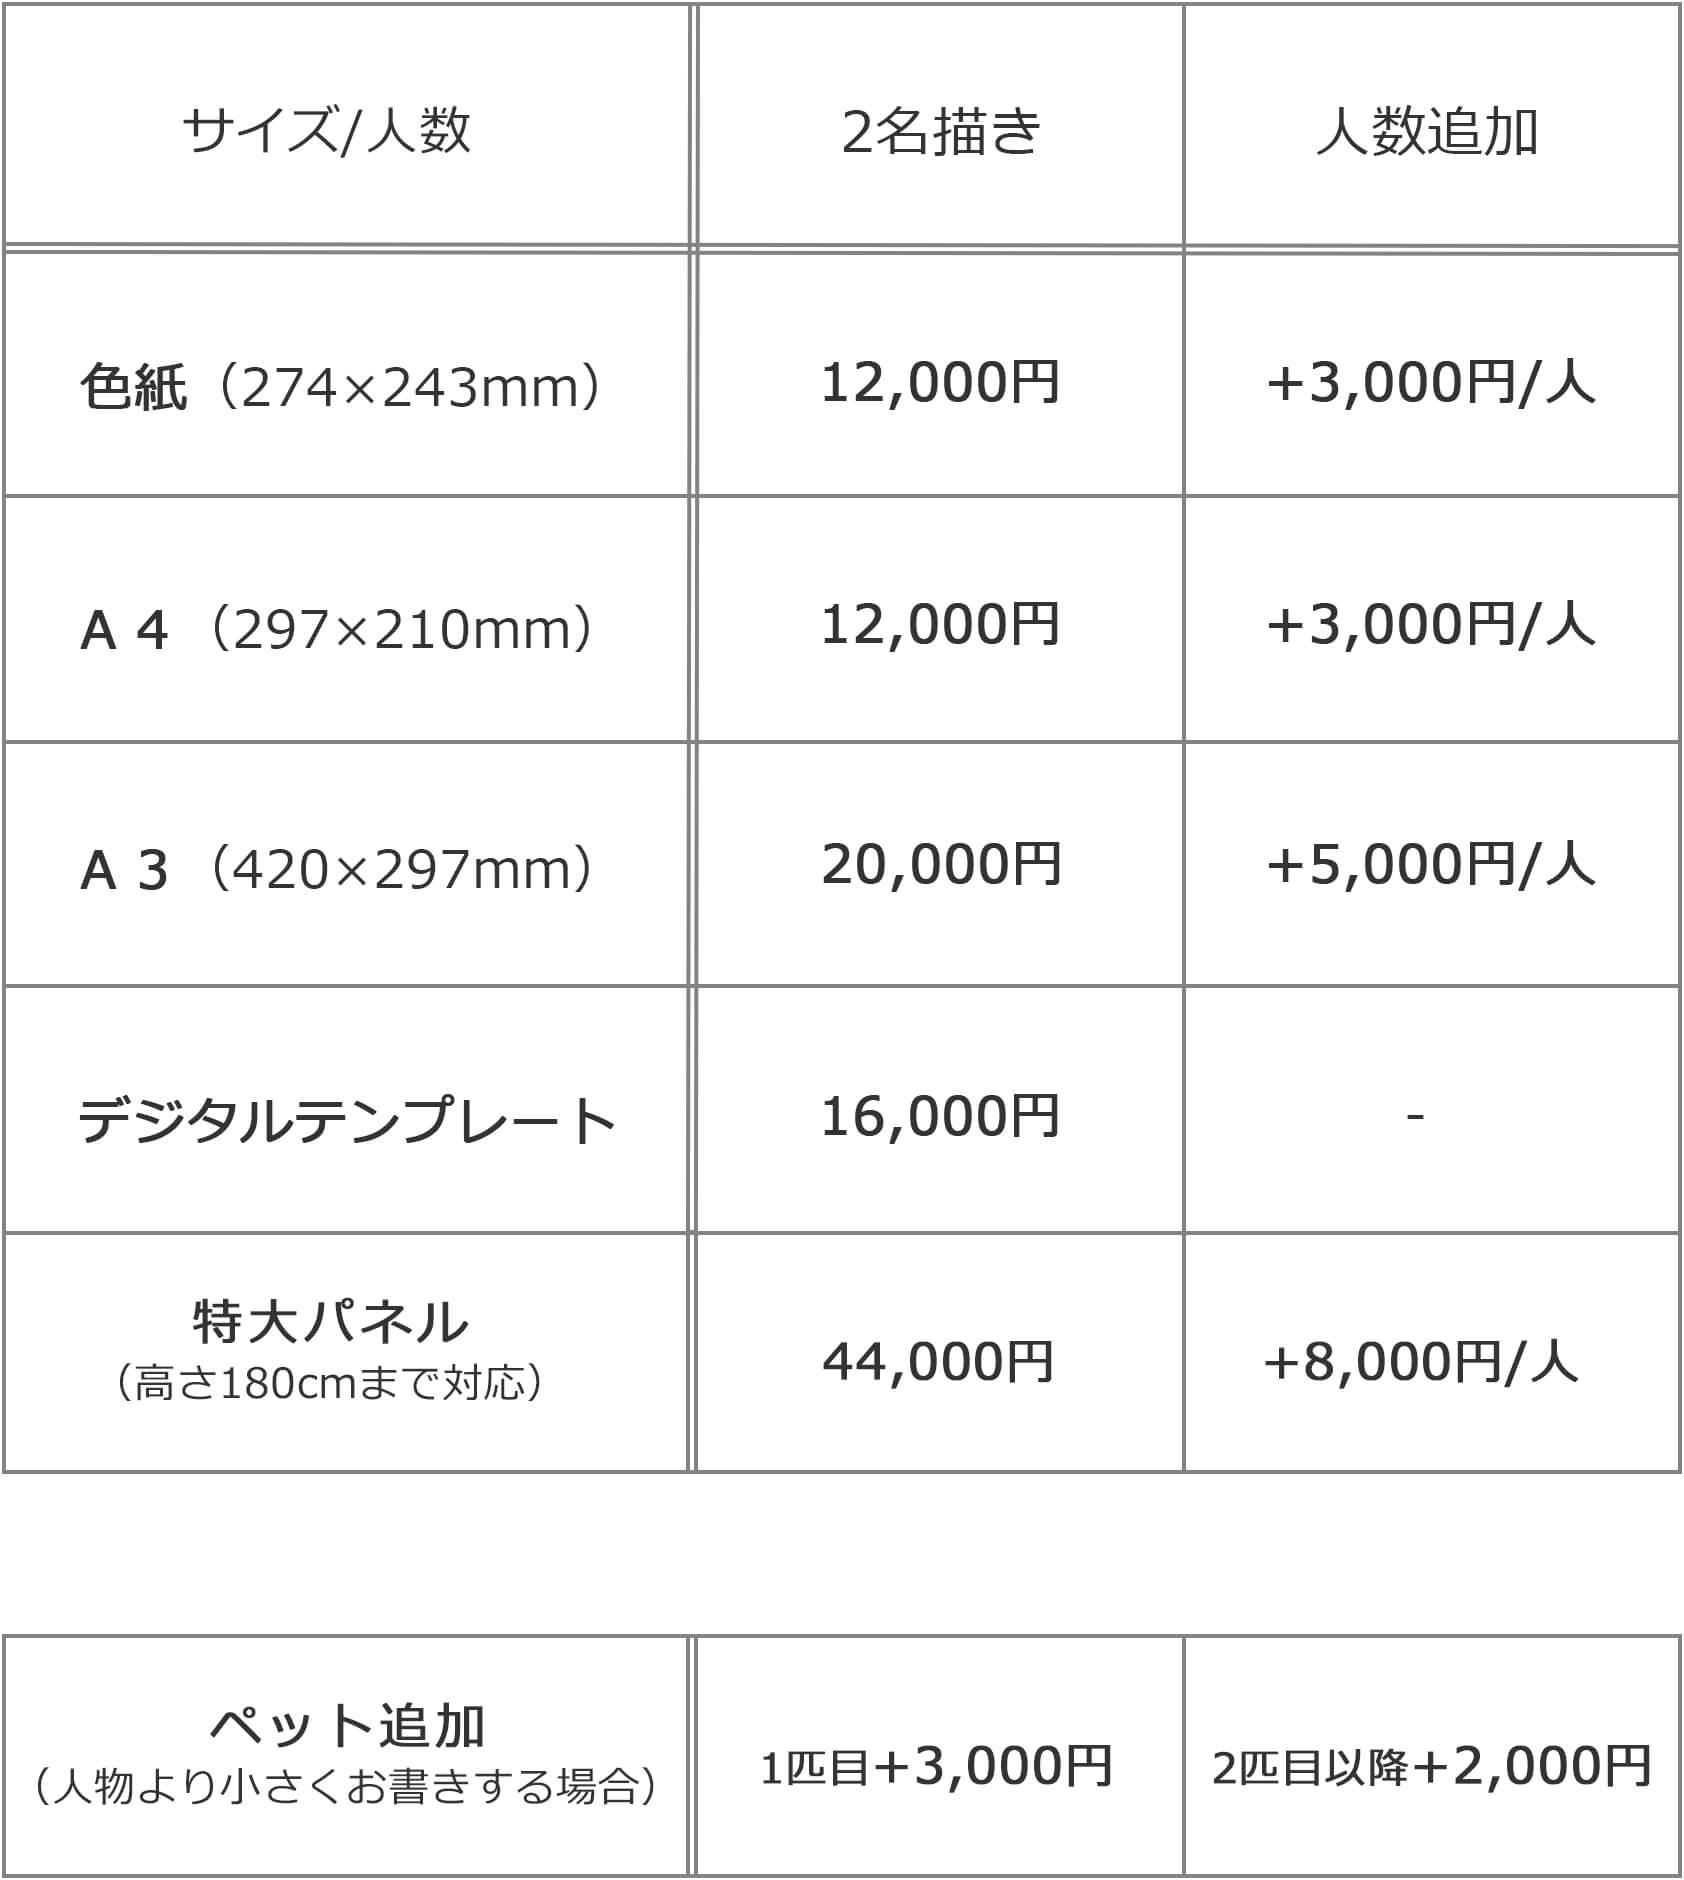 ウェルカムボード-料金表